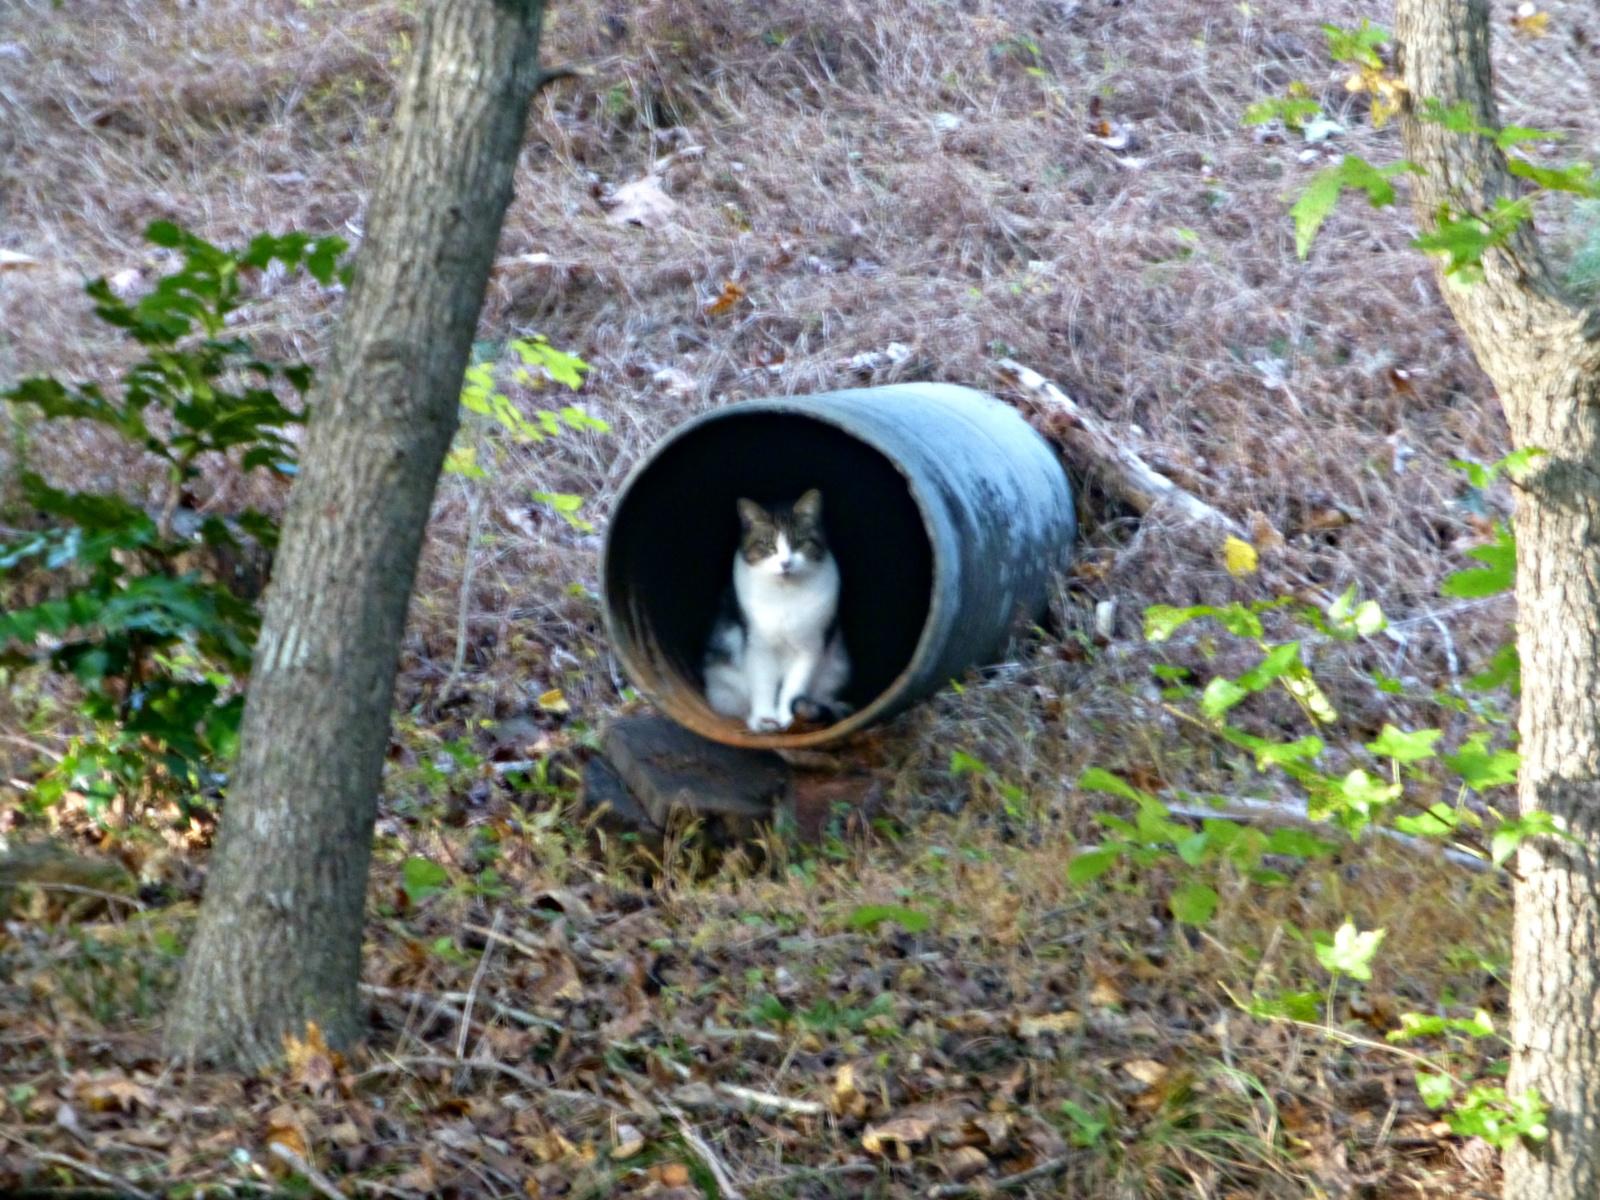 October 30, 2018 - Cat in a culvert in Bent Tree